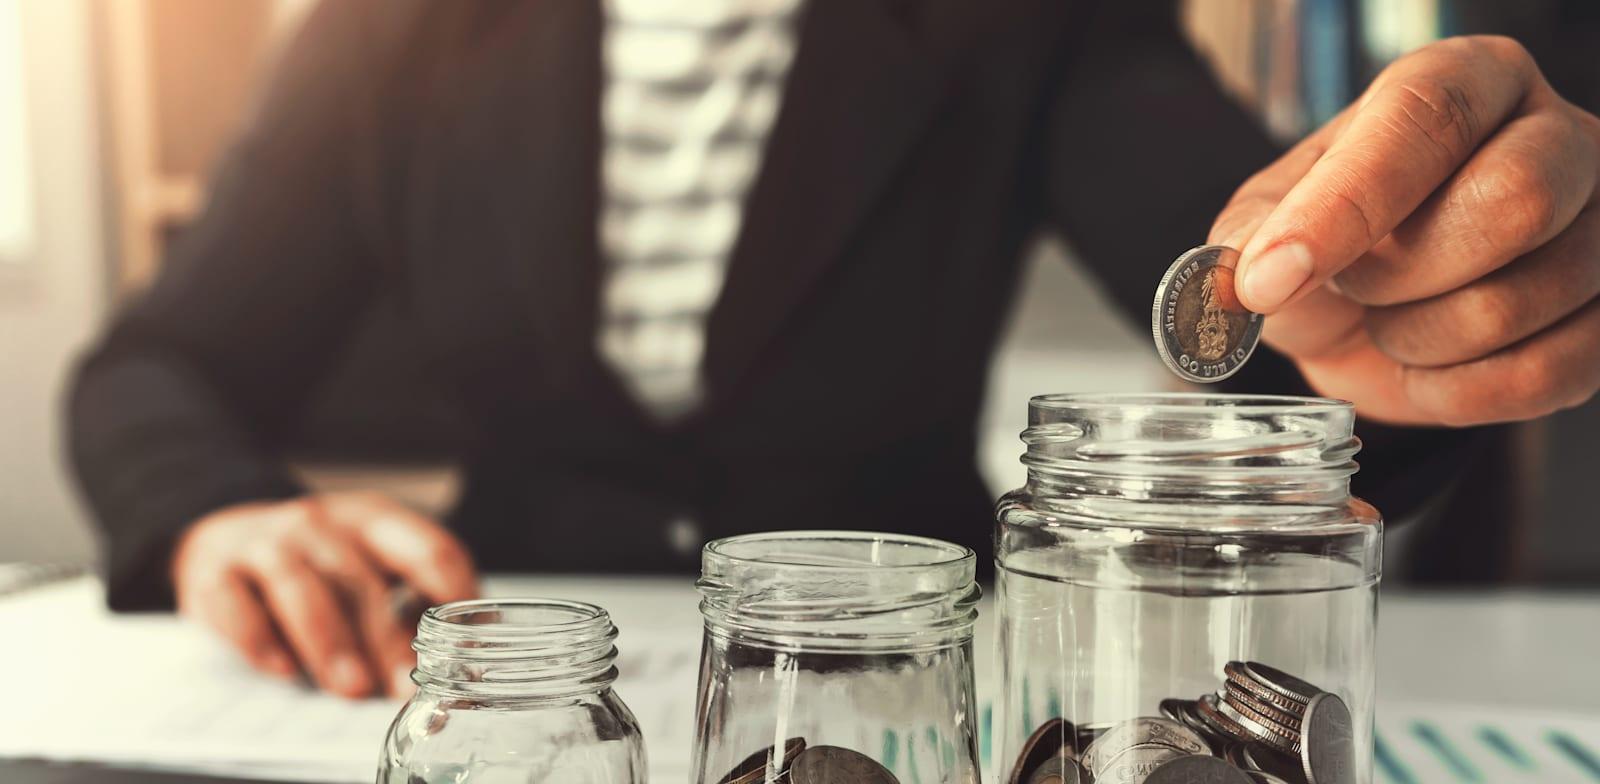 קרנות פנסיה / צילום: Shutterstock